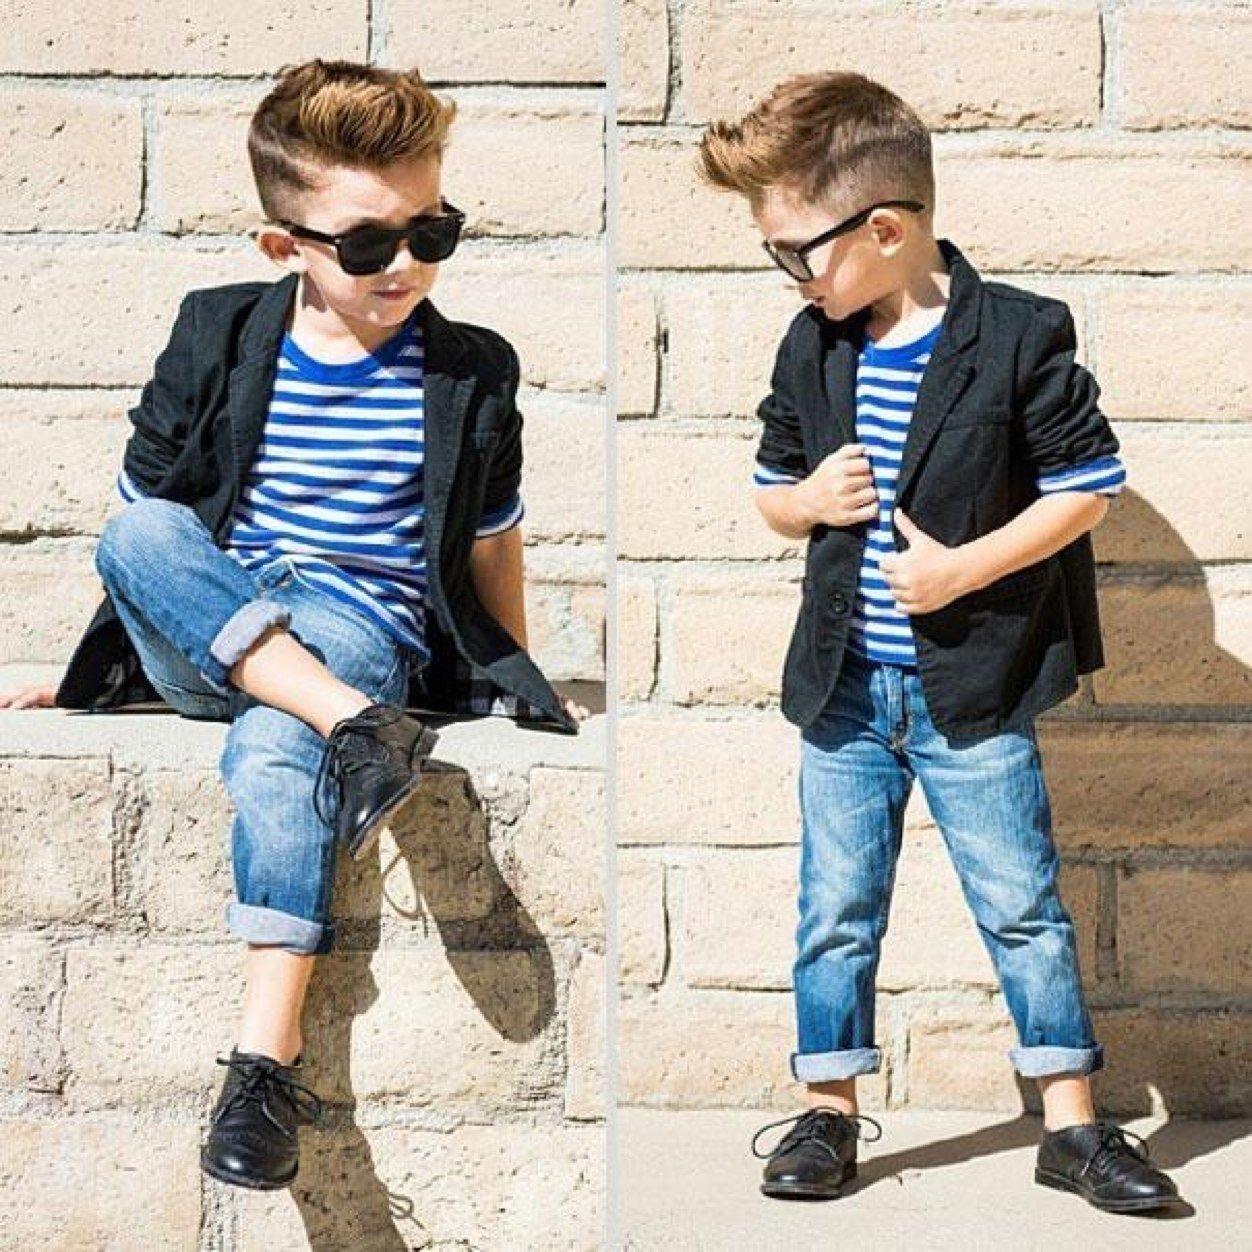 Moda Niños Fashionistas Y 25 Que Están Estilo Tienen La A 1uJ53lFcTK